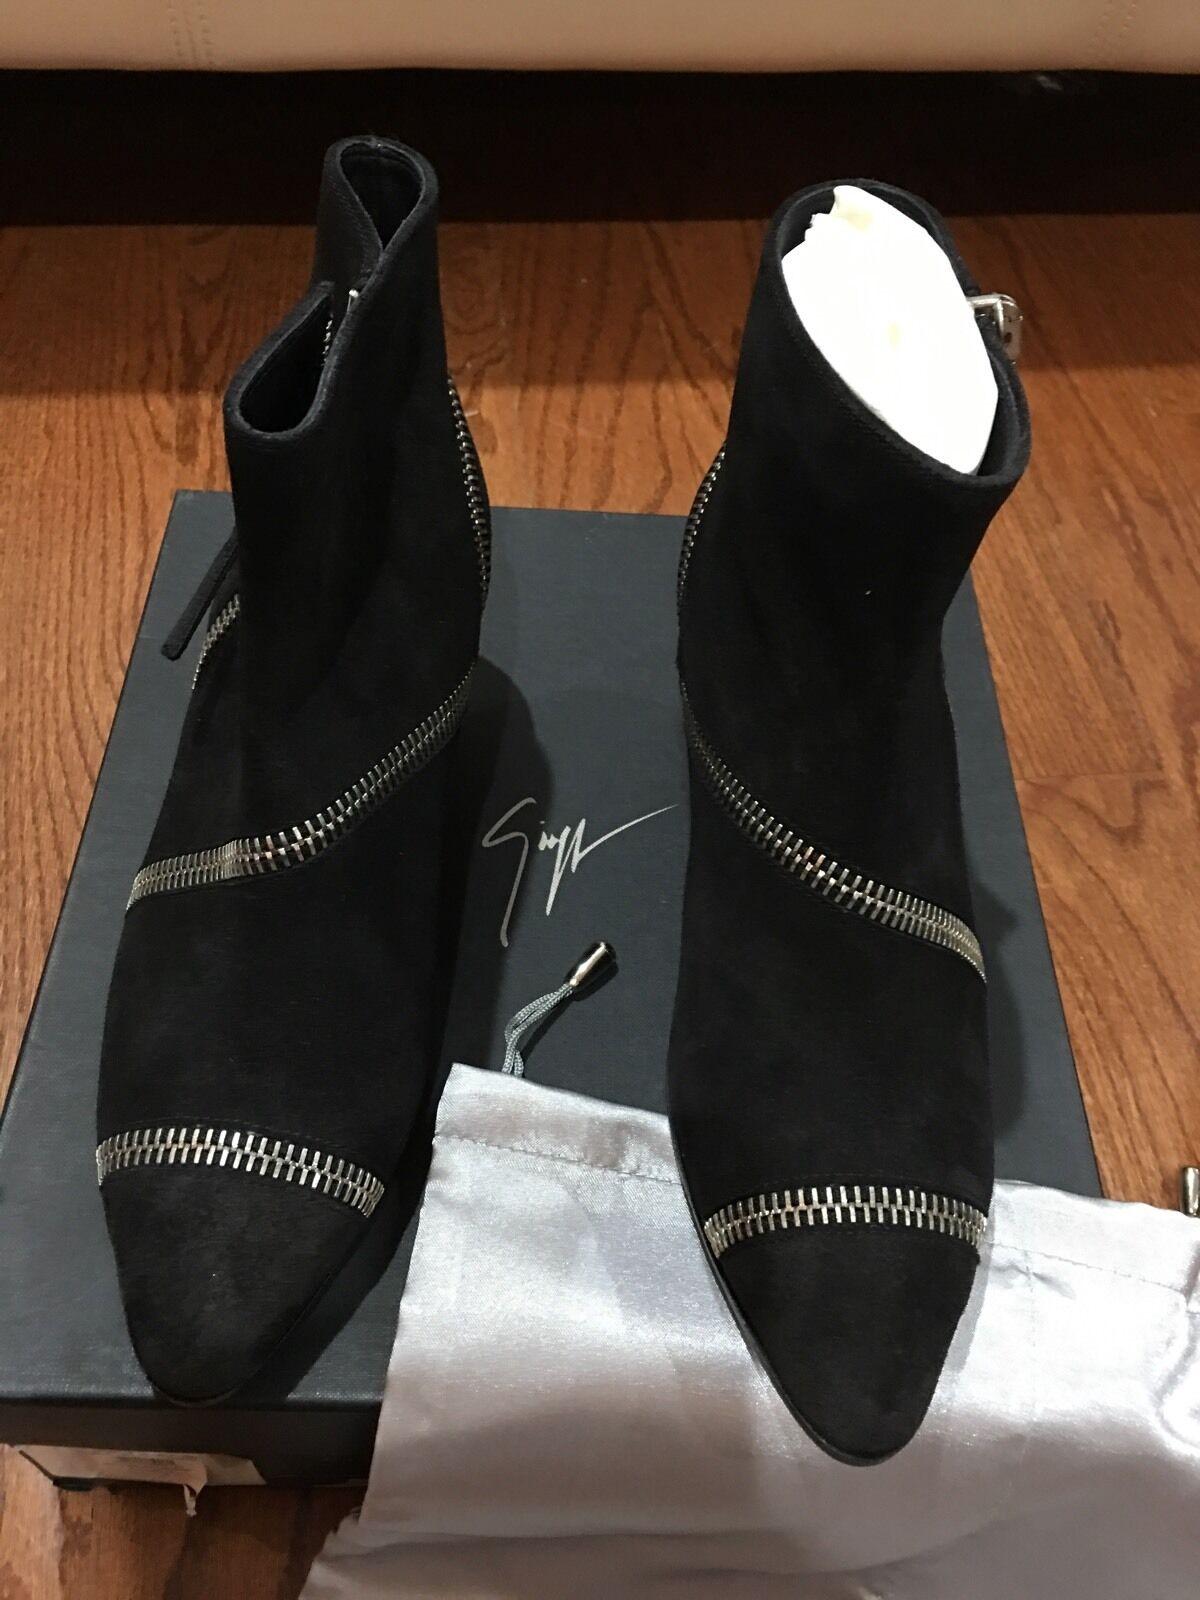 GIUSEPPE ZANOTTI black suede zip Guns 55 Blade zipper boots 38.5 / 8.5 $1175